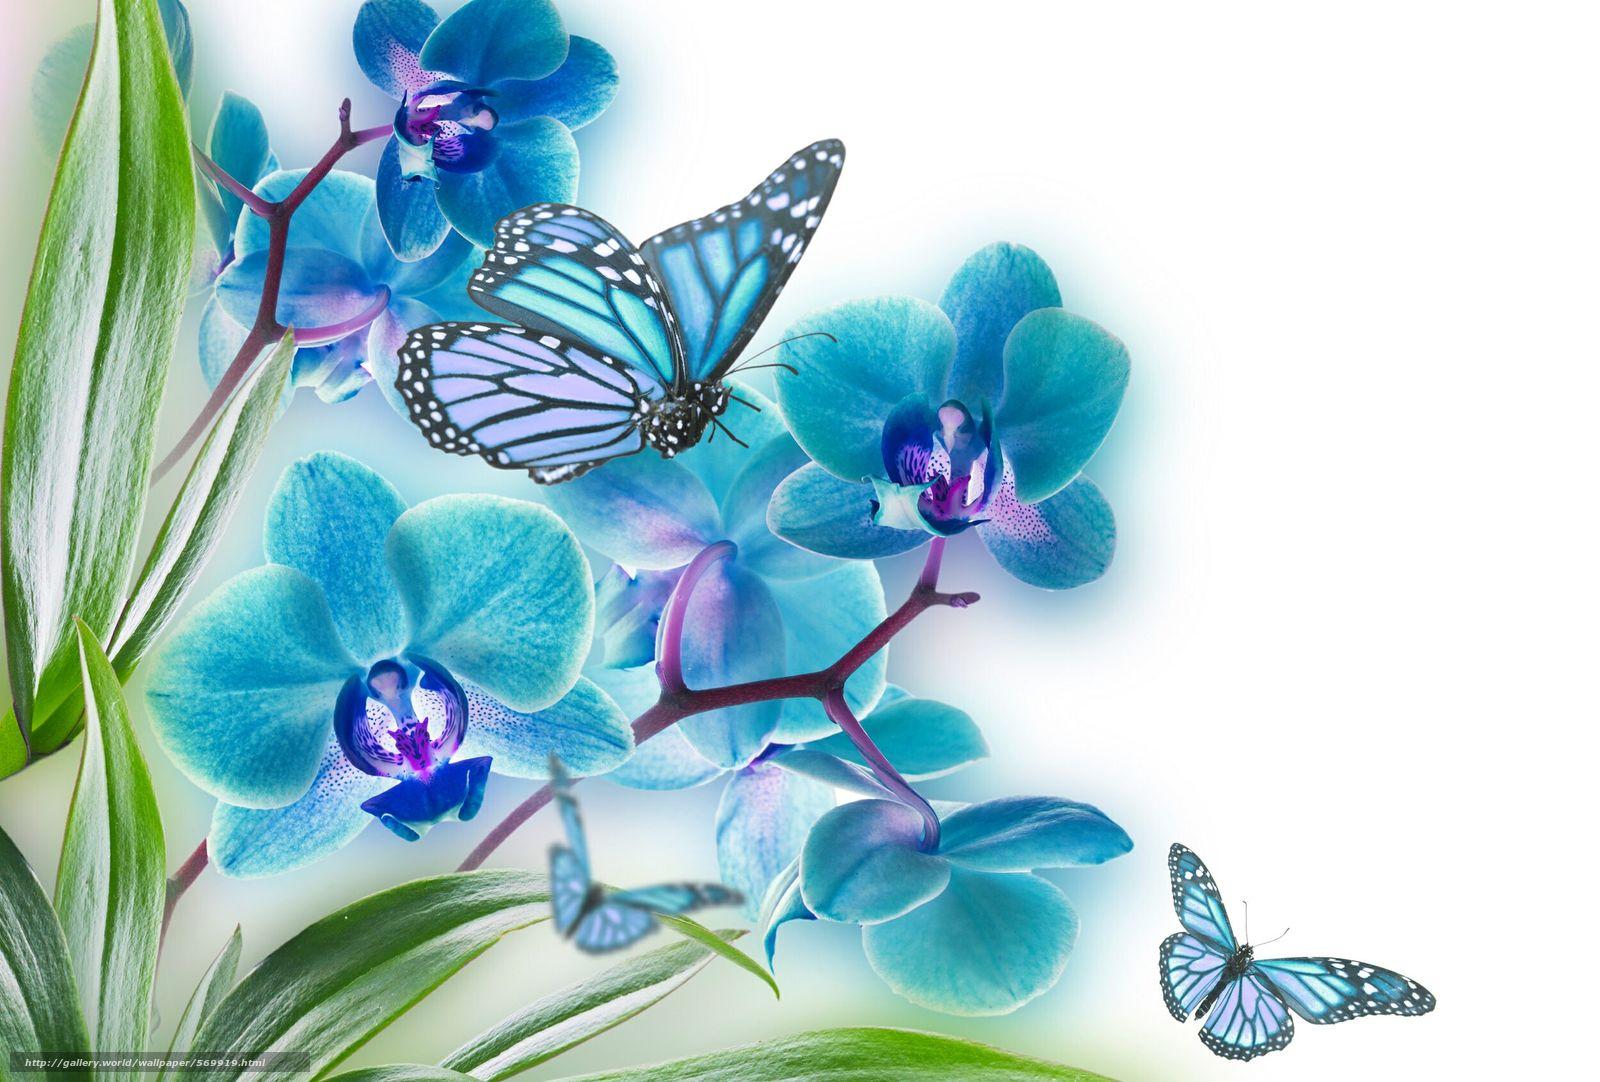 Скачать обои лист,  цветок,  природа,  орхидея бесплатно для рабочего стола в разрешении 2500x1690 — картинка №569919